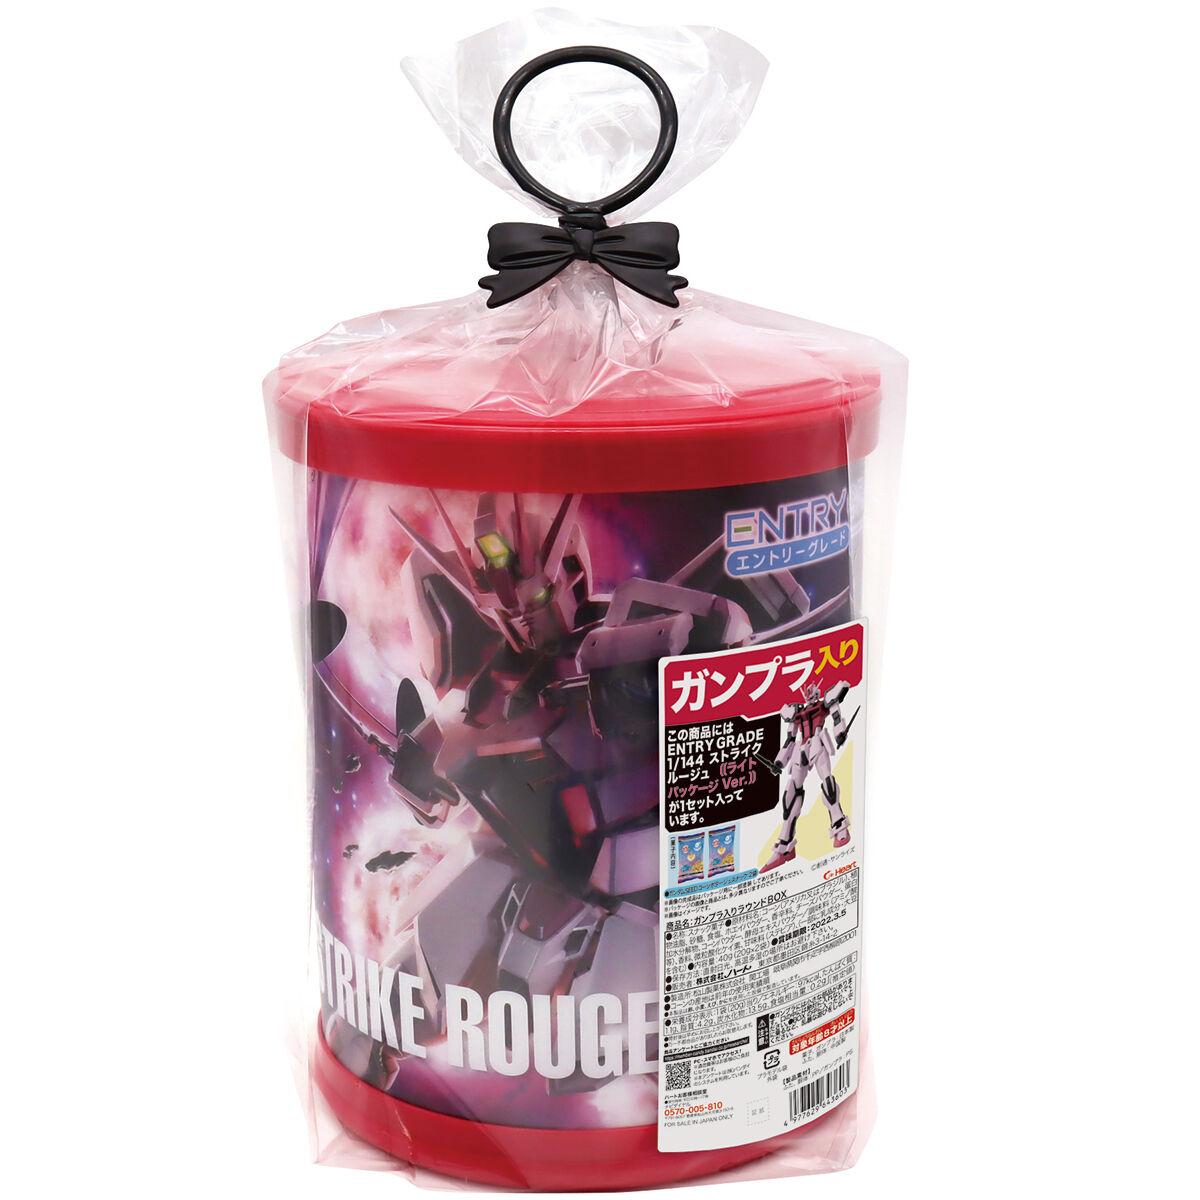 【限定販売】【2次予約】【食玩】ENTRY GRADE 1/144『ガンプラ入りラウンドBOX』プラモデル-006